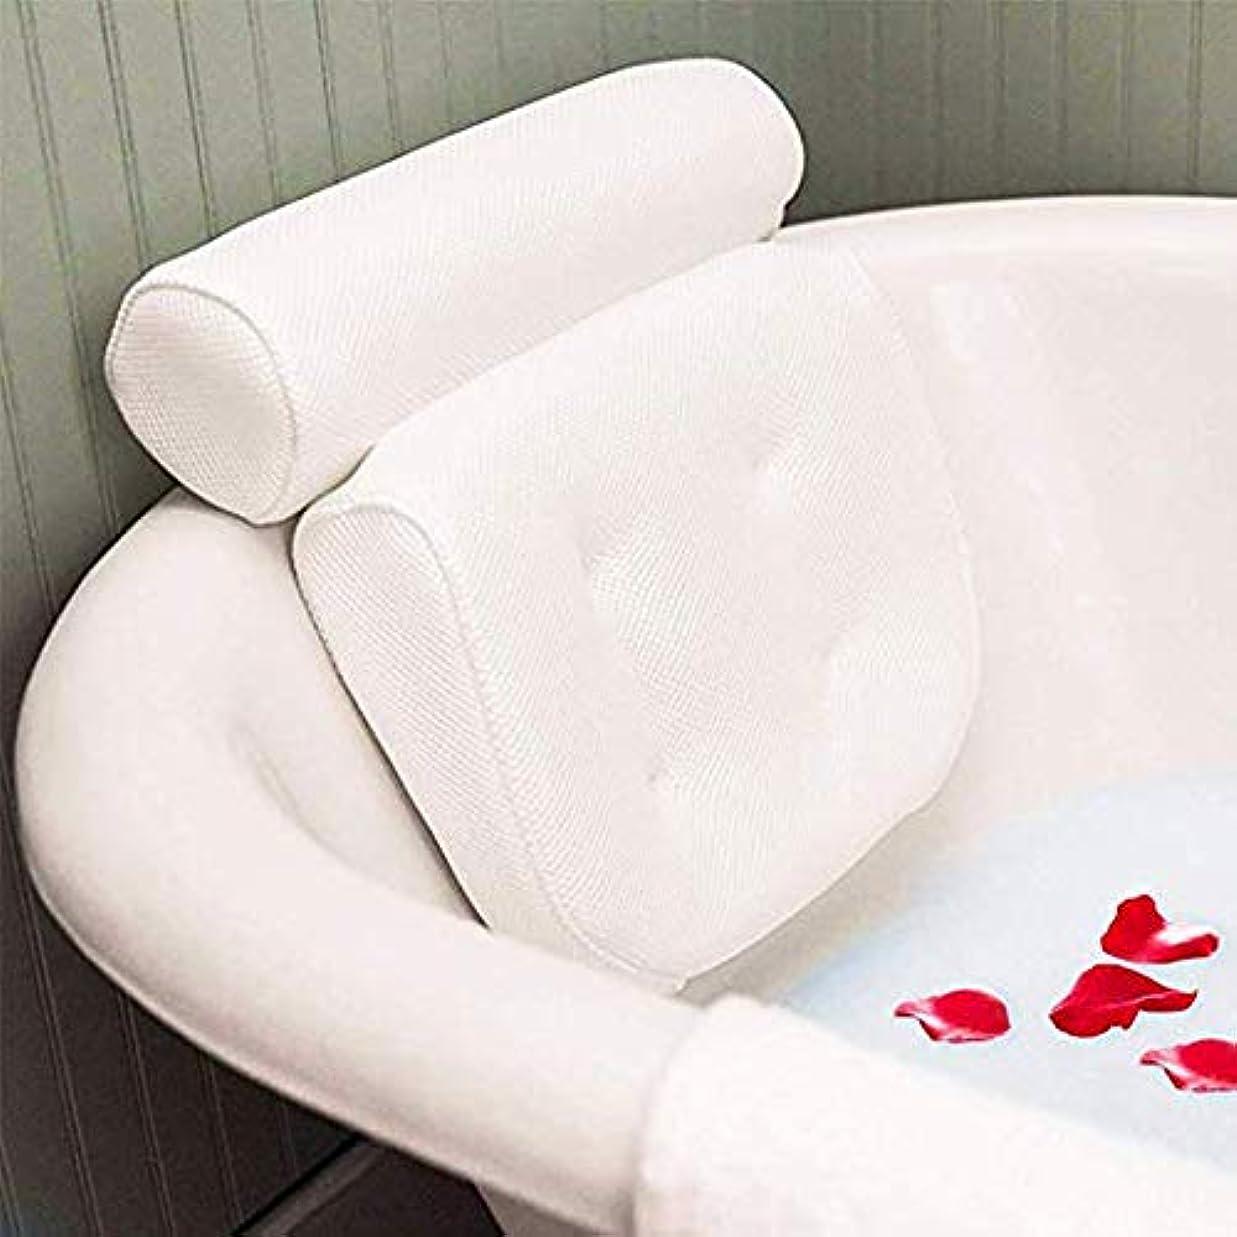 方言極貧反逆頭、首、肩と背中のサポートが付いている浴槽スパ枕、滑り止め4大型サクションカップはどんな浴槽にもフィットし、抗菌性です。,White